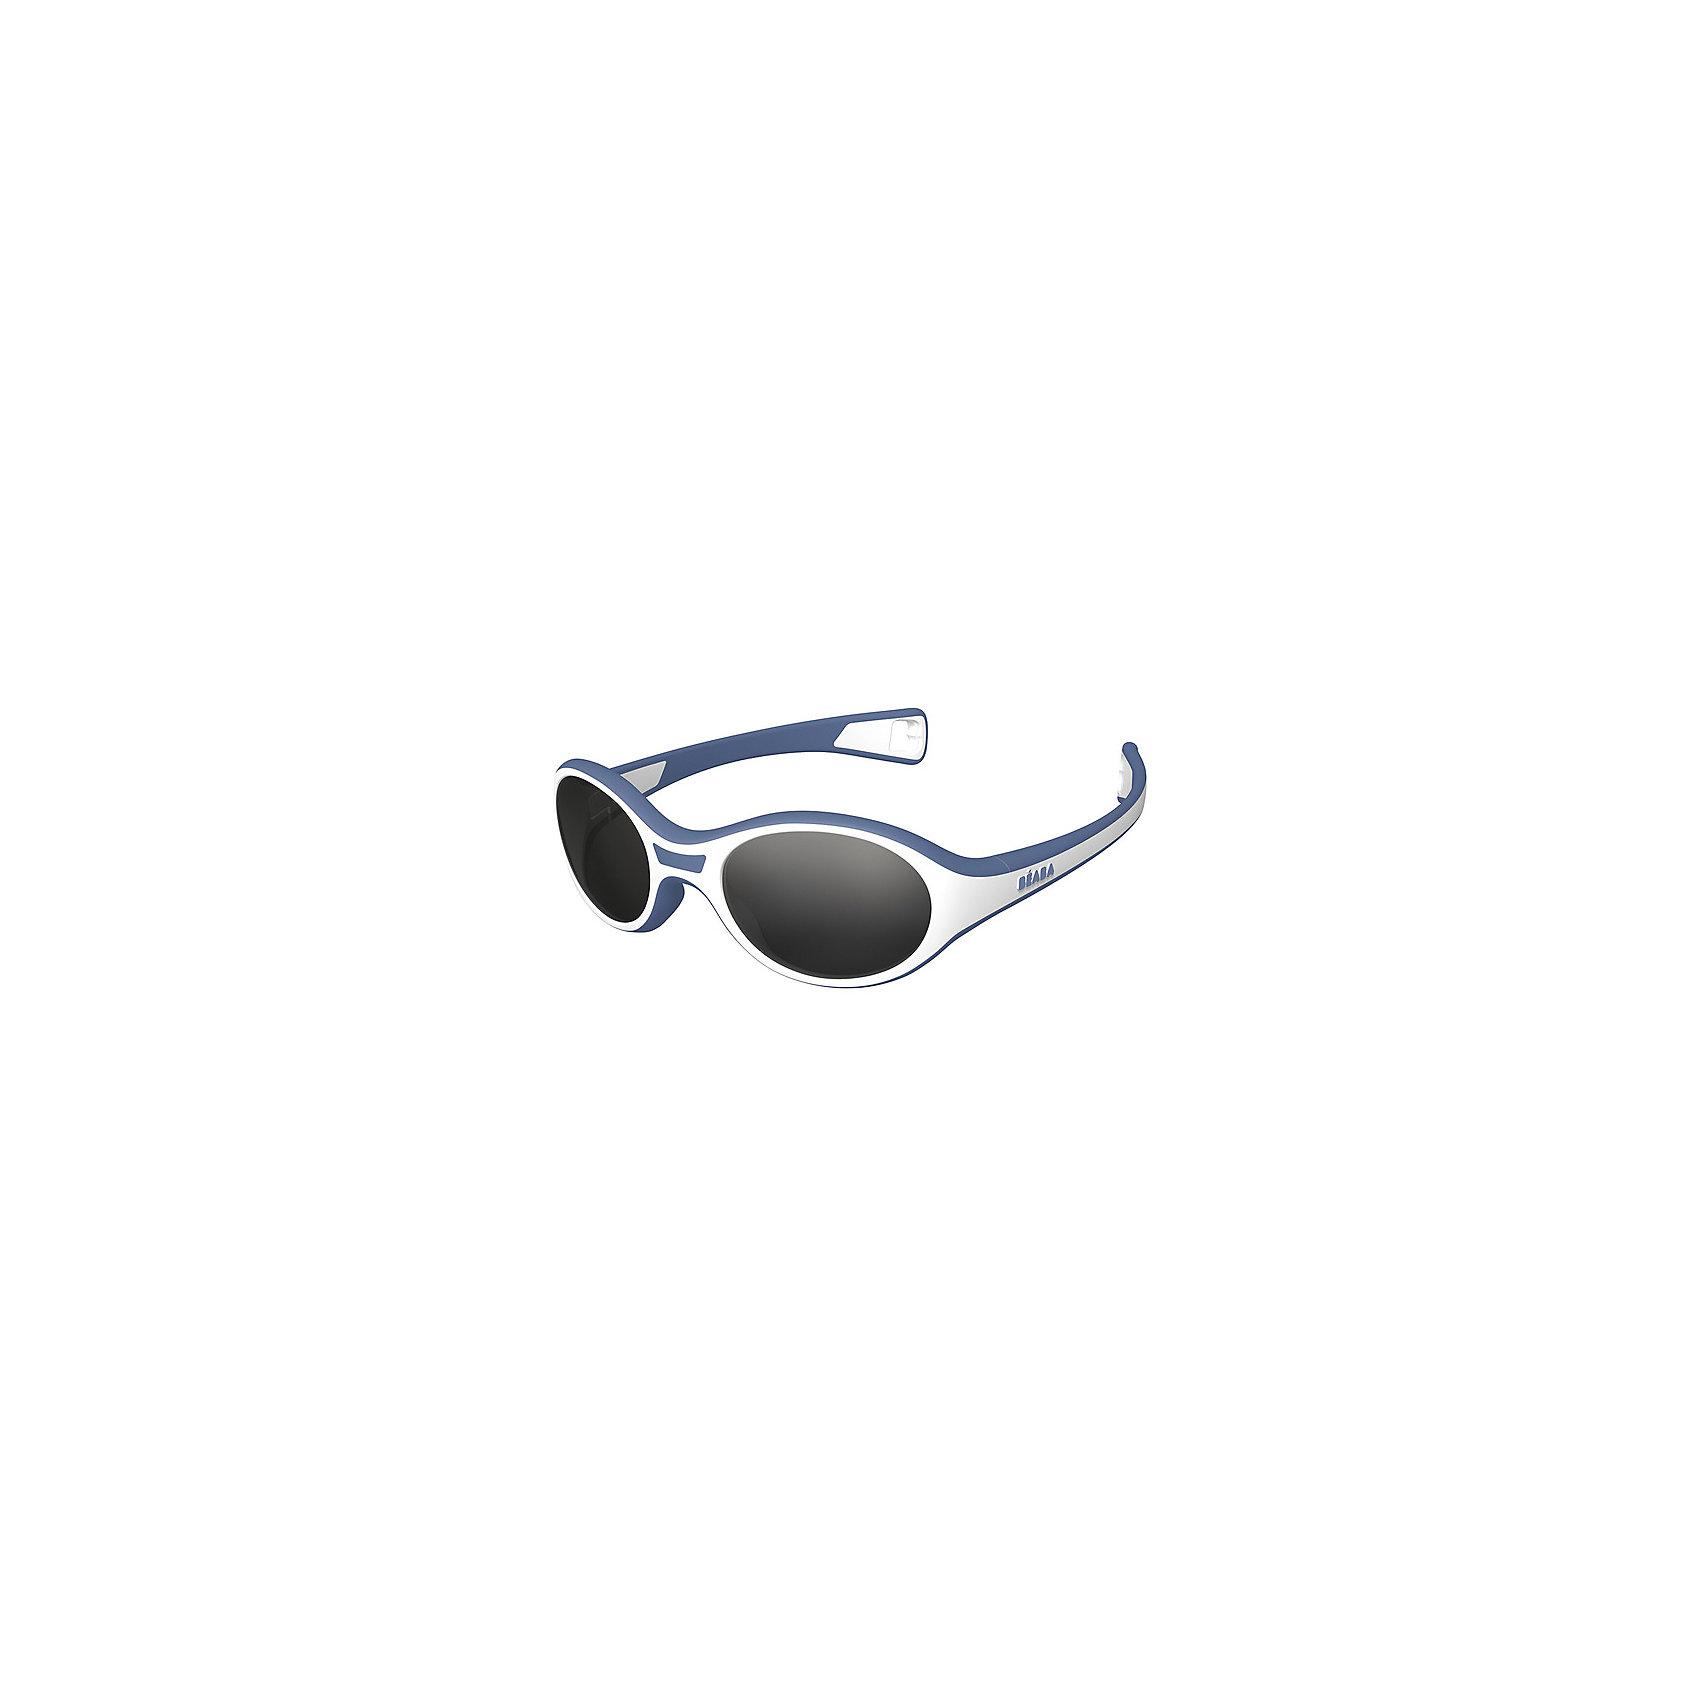 Солнцезащитные очки Sungalesses Baby 360°, р-р М, Beaba, голубойФранцузская пластиковая долина: Ойонна : <br>Настоящее ноу-хау для Франции и всего мира<br>Специализированная экспертиза. Весомые аргументы для наших покупателей: <br>Дизайн, пресс-формы, и сборка – всё делается во Франции<br>Неоспоримое конкурентное преимущество над другими очками<br>Гарантия качества в мире оптики<br>Множество сертификатов. Соответствие стандартам очков ISO 12311-1   ISO 12312-1 (стандарты 2015)<br>Гибкий каркас из полипропилена и ABS <br>Короткие дужки для удержания очков в сидячей коляске.Категория 3 : сильная защита, затемнённые линзы, подходящие для отдыха на море и в горах. Новое направление стратегии B?aba : <br>Использование линз 3-й категории в наших очках (за исключением малышей с очень чувствительными глазами)<br>Стёкла пропускают 27-30% света ? дети наконец-то не пытаются снять очки ! <br>100% защита от УФ-лучей <br>Реальное конкурентное преимущество – настоящее ноу-хау благодаря техническим аспектам.<br><br>Ширина мм: 150<br>Глубина мм: 40<br>Высота мм: 80<br>Вес г: 40<br>Возраст от месяцев: 12<br>Возраст до месяцев: 24<br>Пол: Мужской<br>Возраст: Детский<br>SKU: 5543596